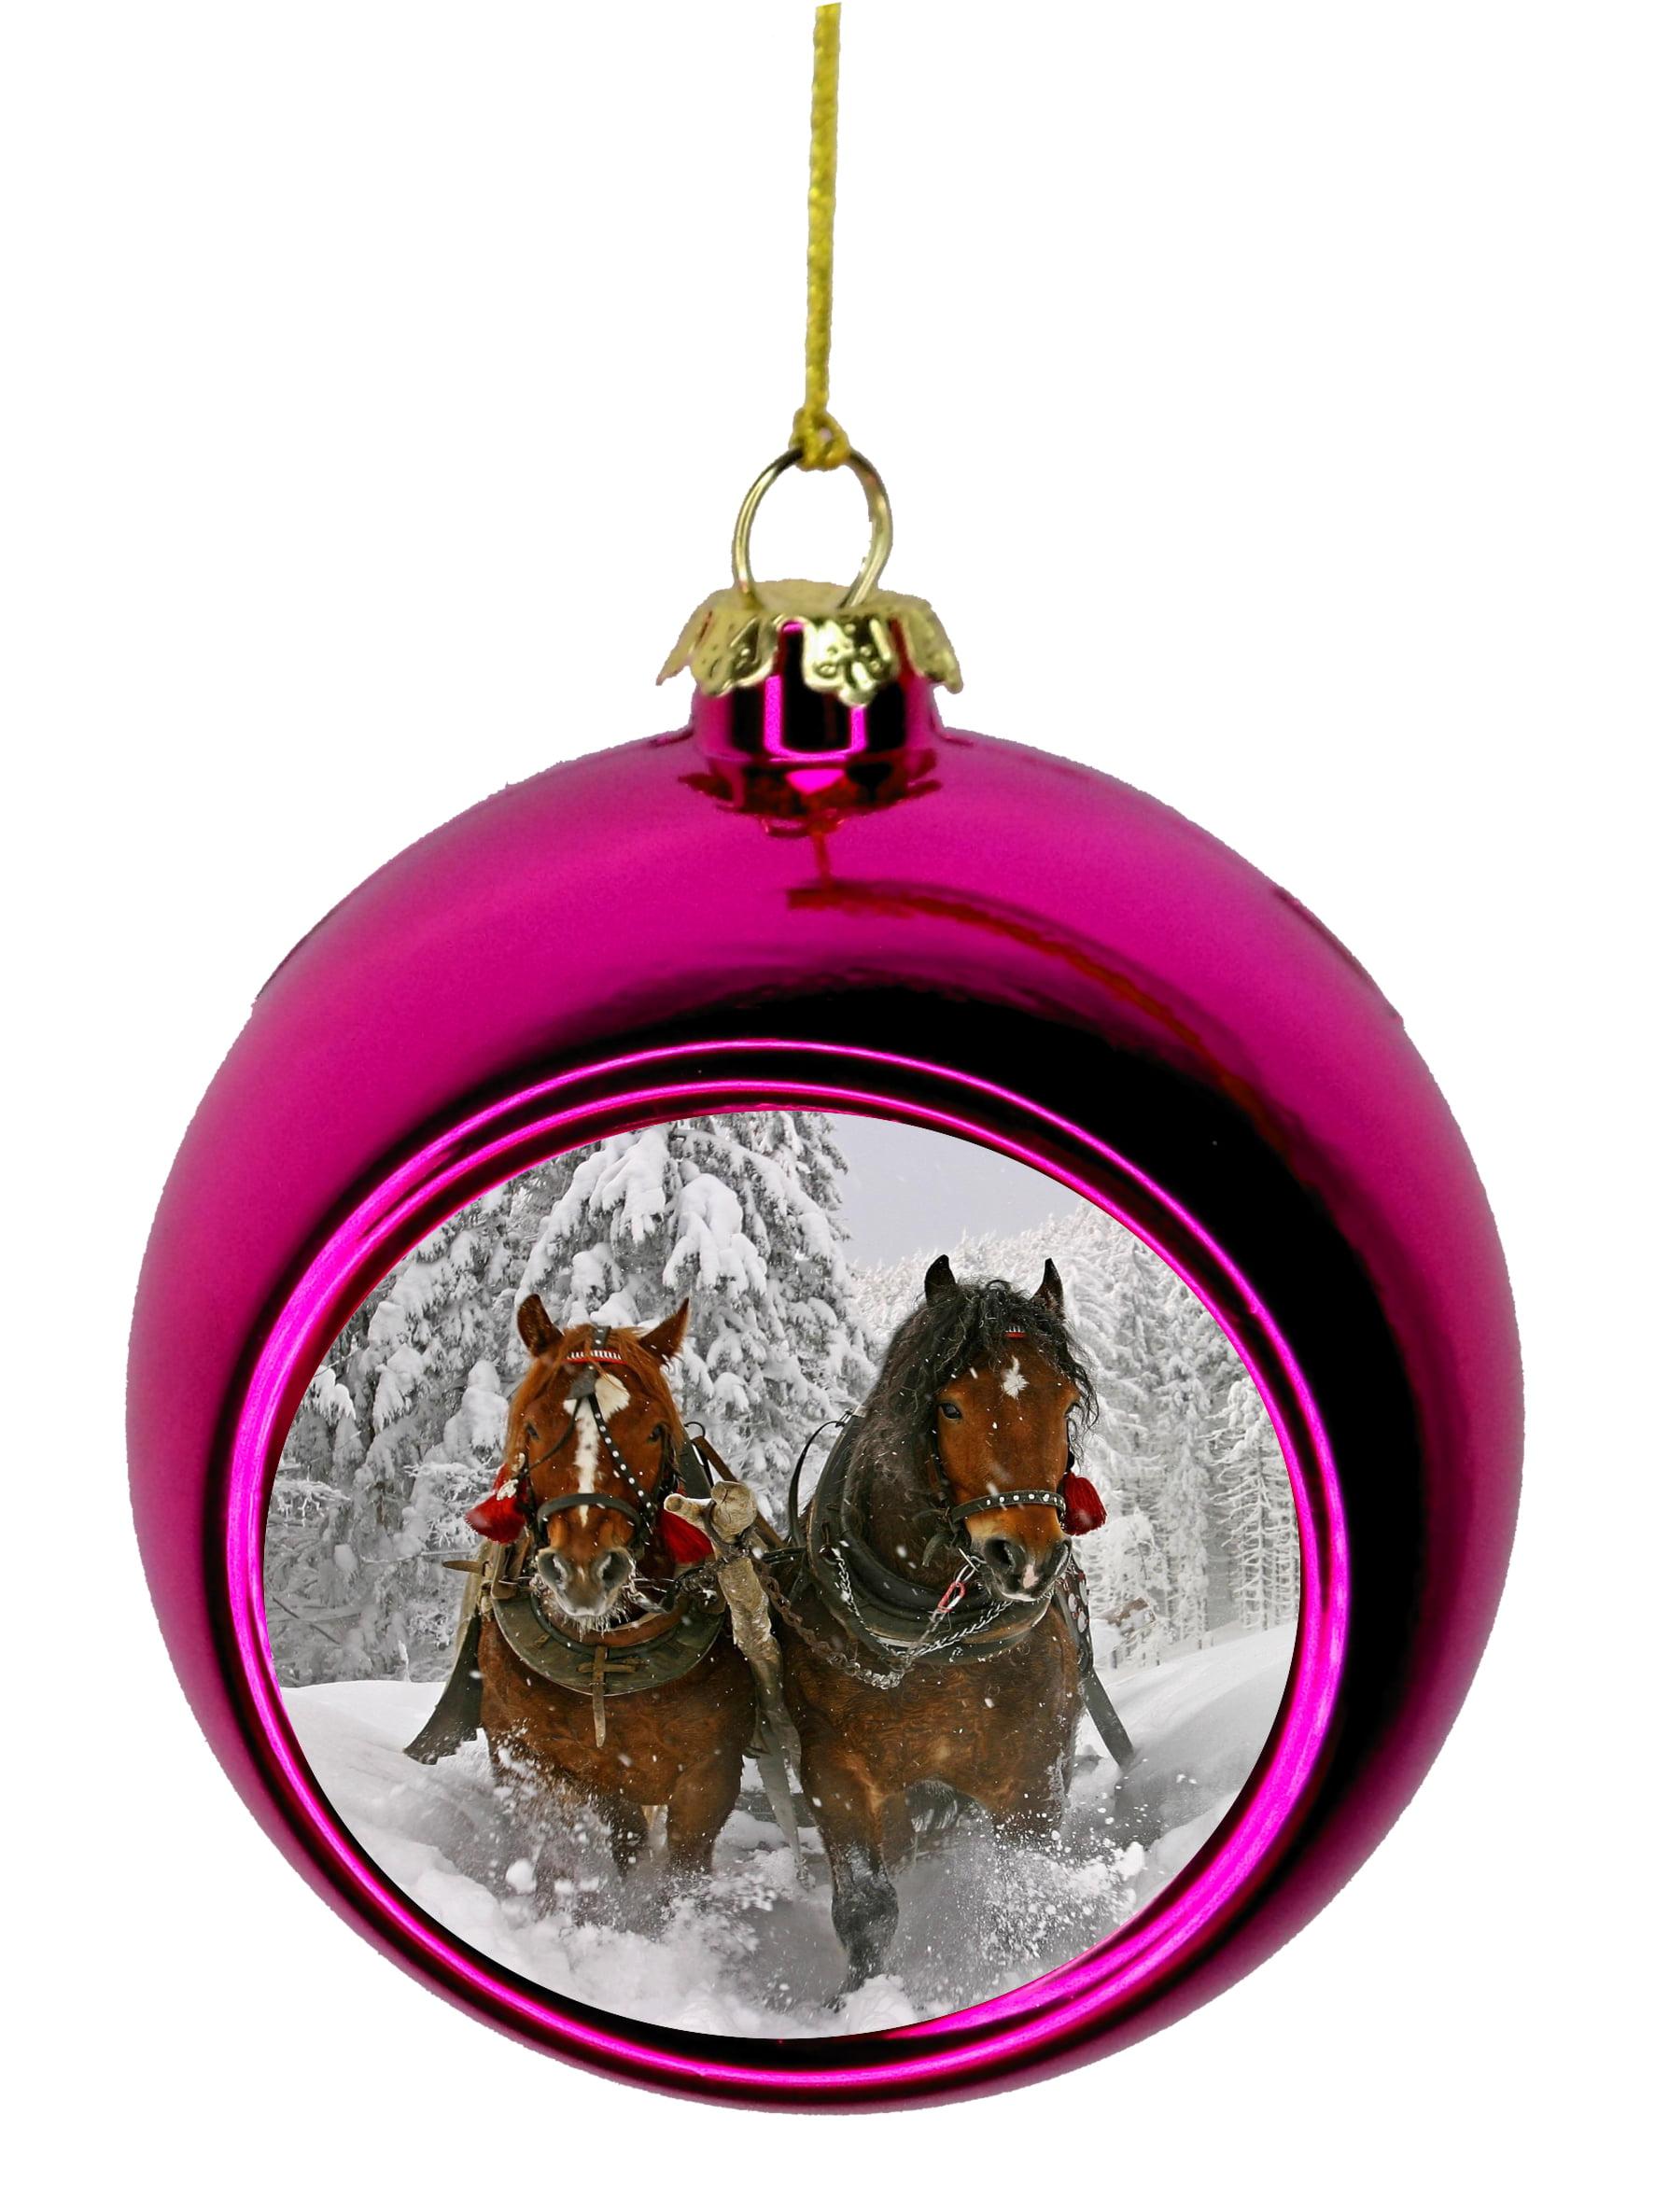 Personalised Horse Christmas Tree DecorationHorseshoe Xmas Bauble Gift